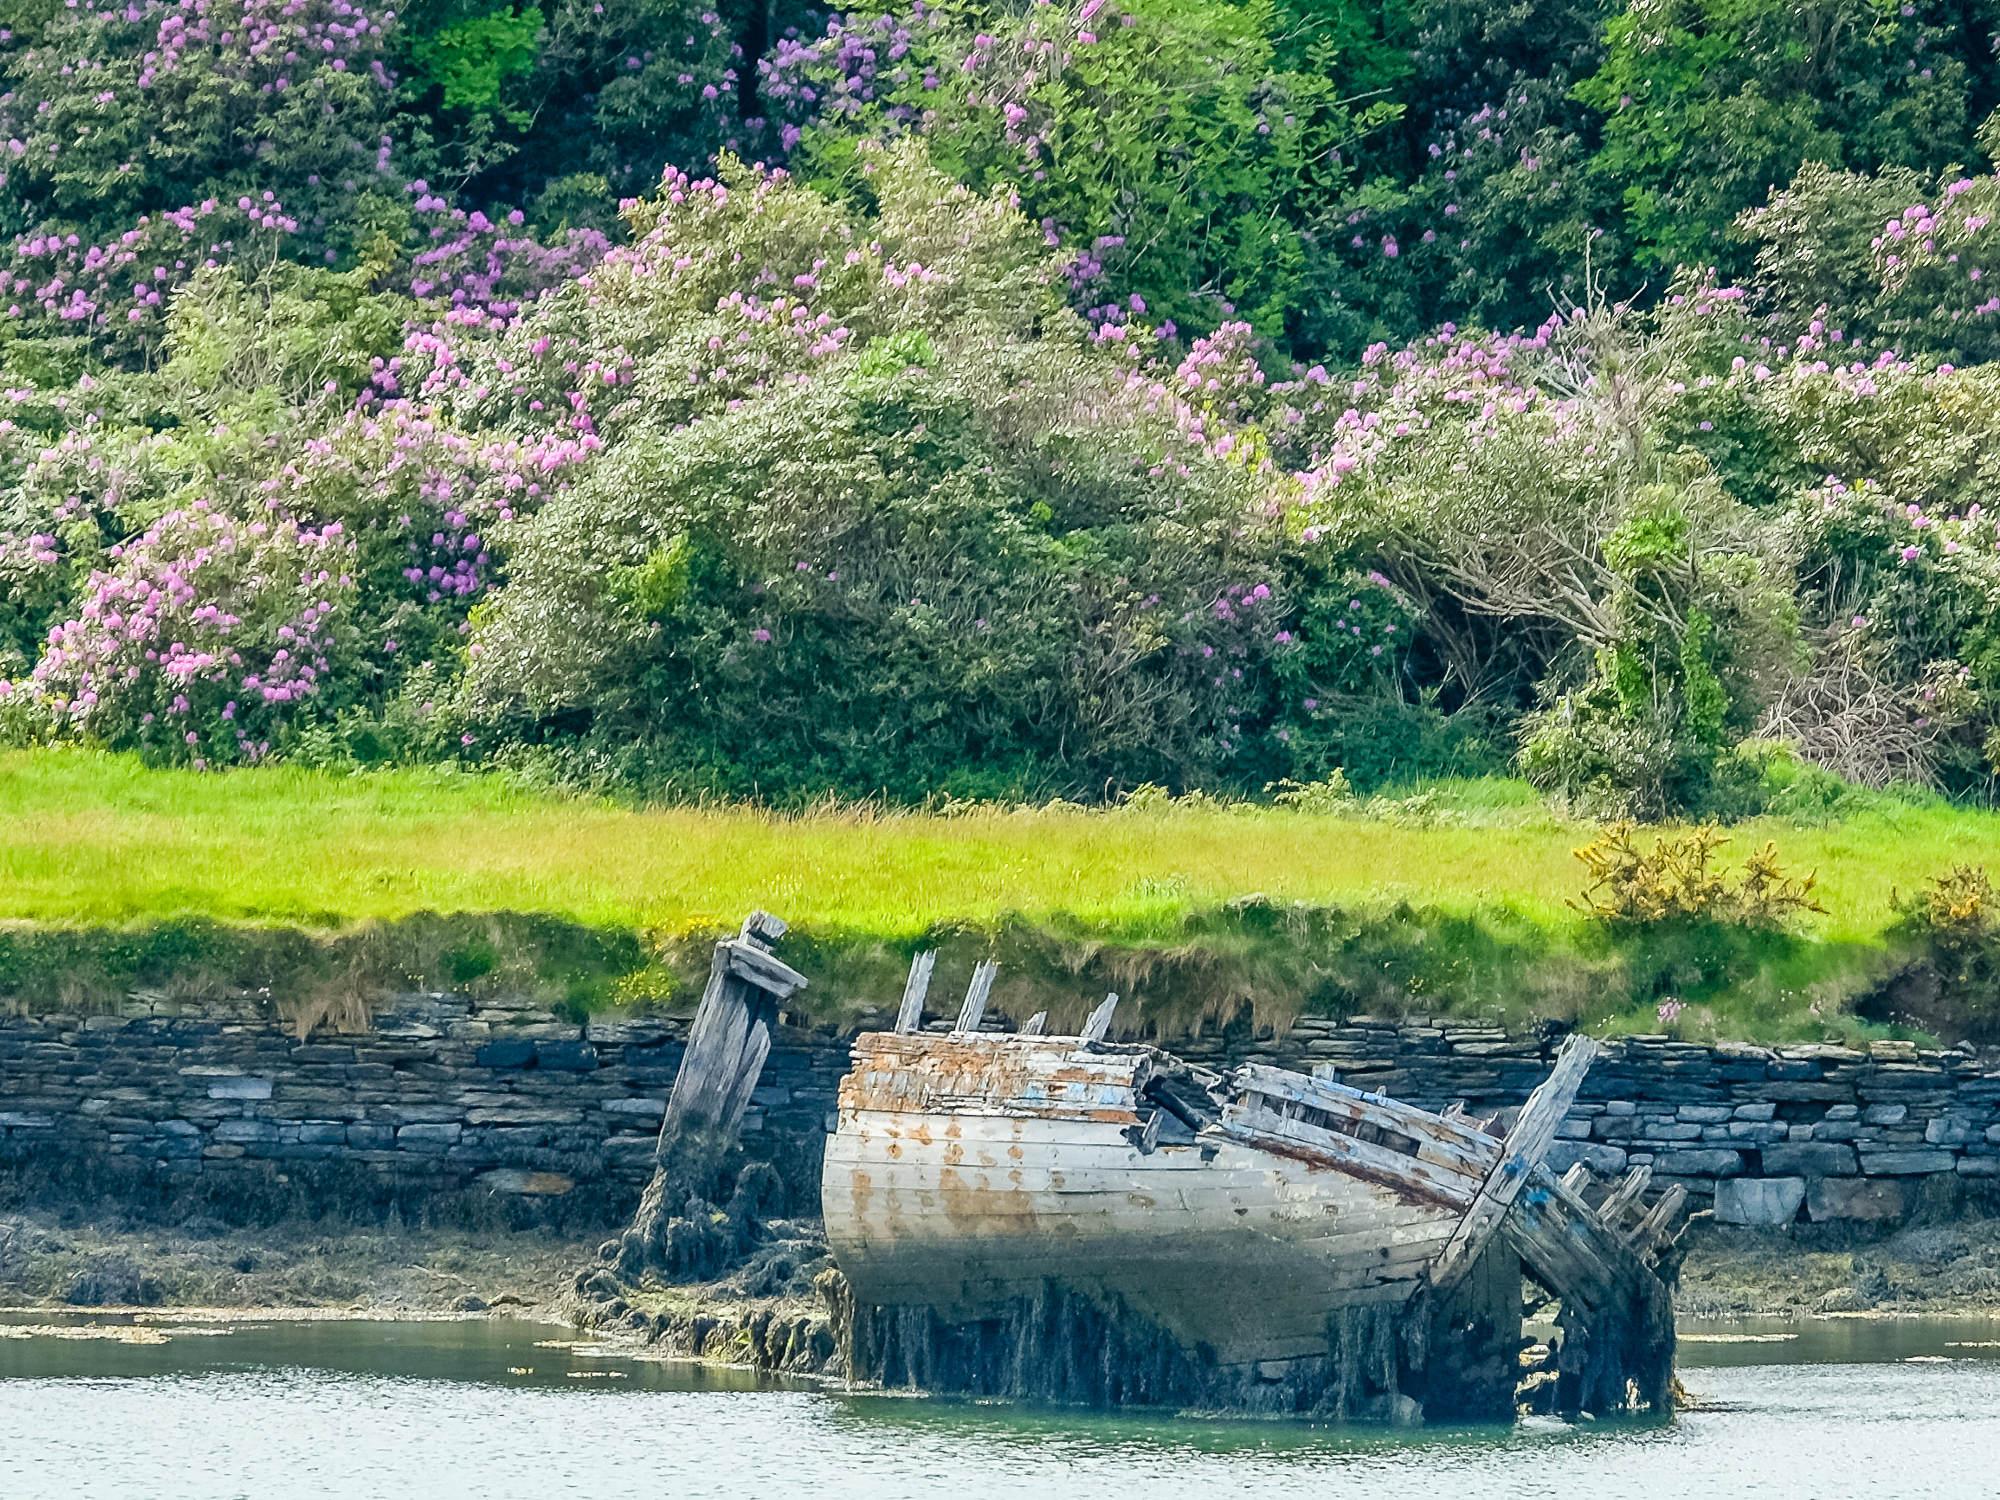 Dunboy Castle Castletownbere